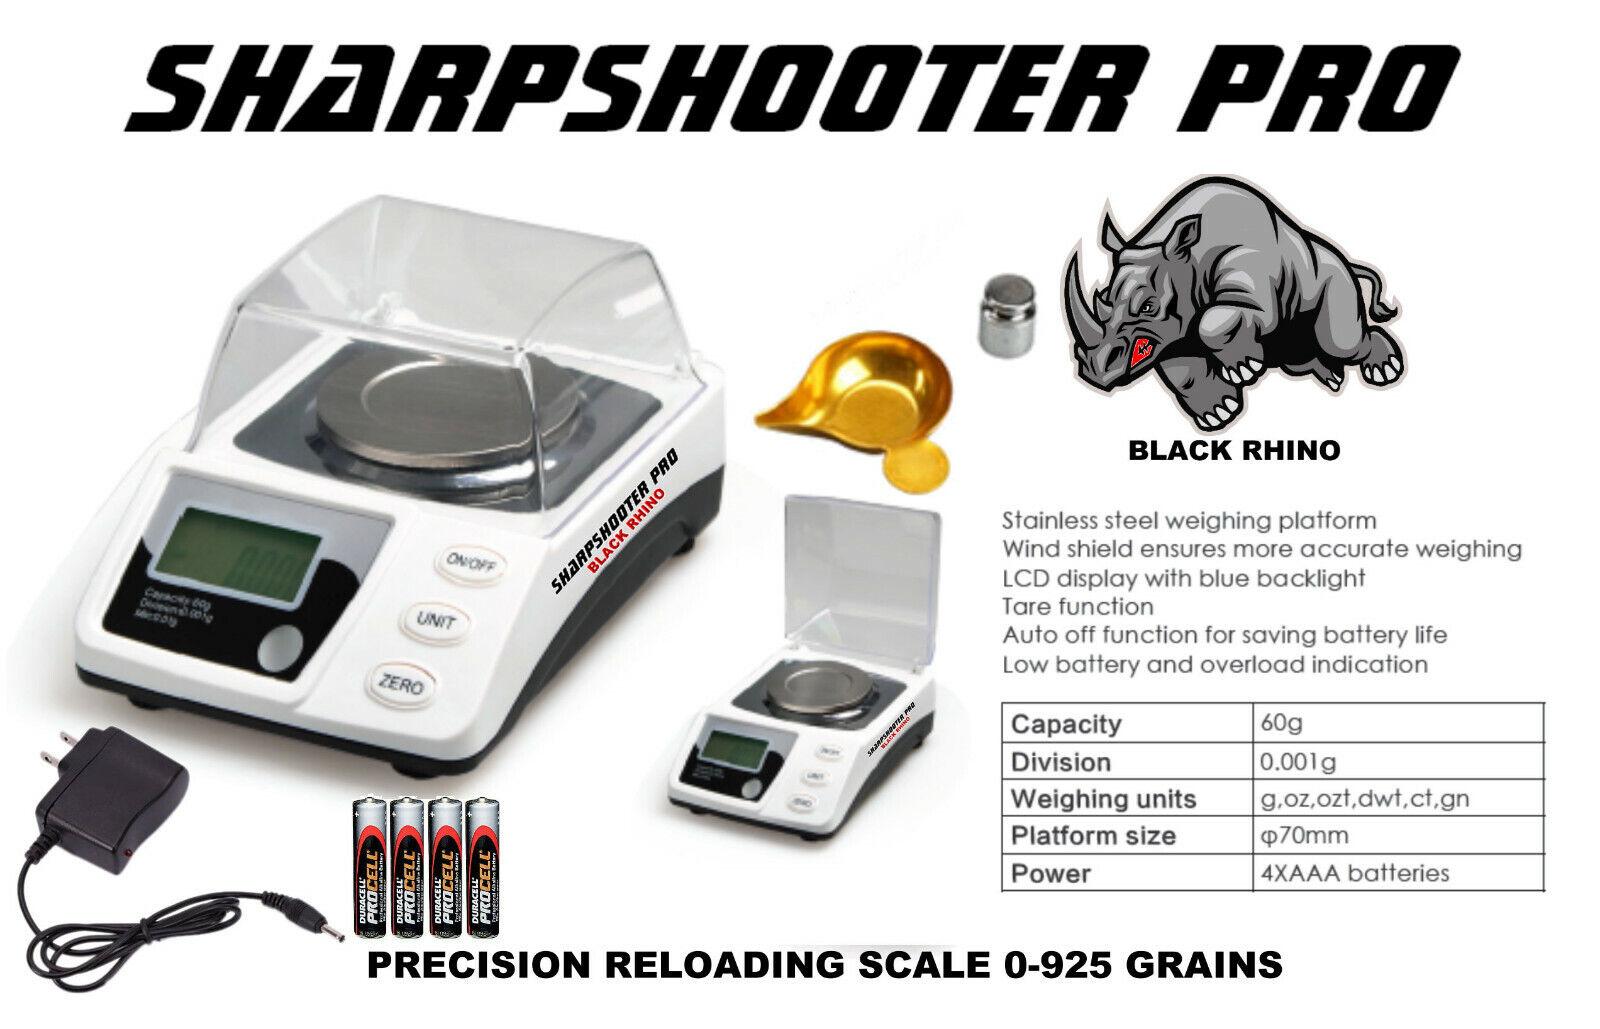 Digital Escala De Recarga SHARPSHOOTER PRO 925gn 0.02gn Deluxe Retroiluminado Disp